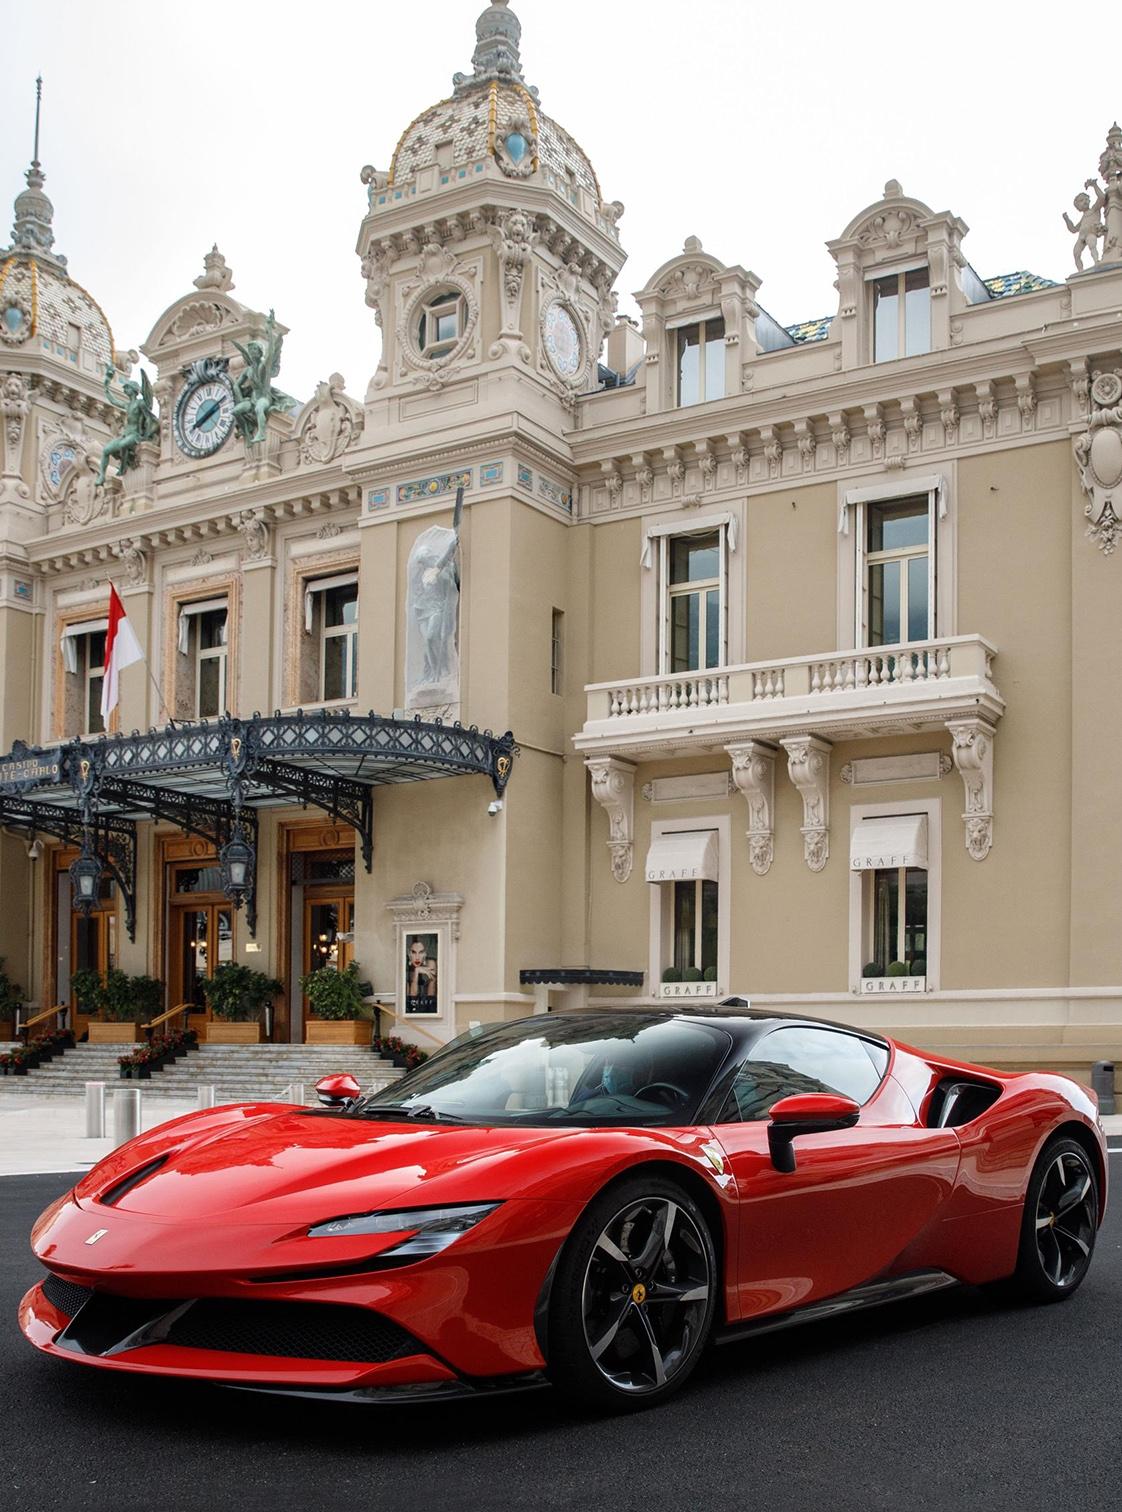 Primetent - Luxury Rent a Car - Avvenice - Lamborghini - Ferrari - Aston Martin - Bugatti - Bentley